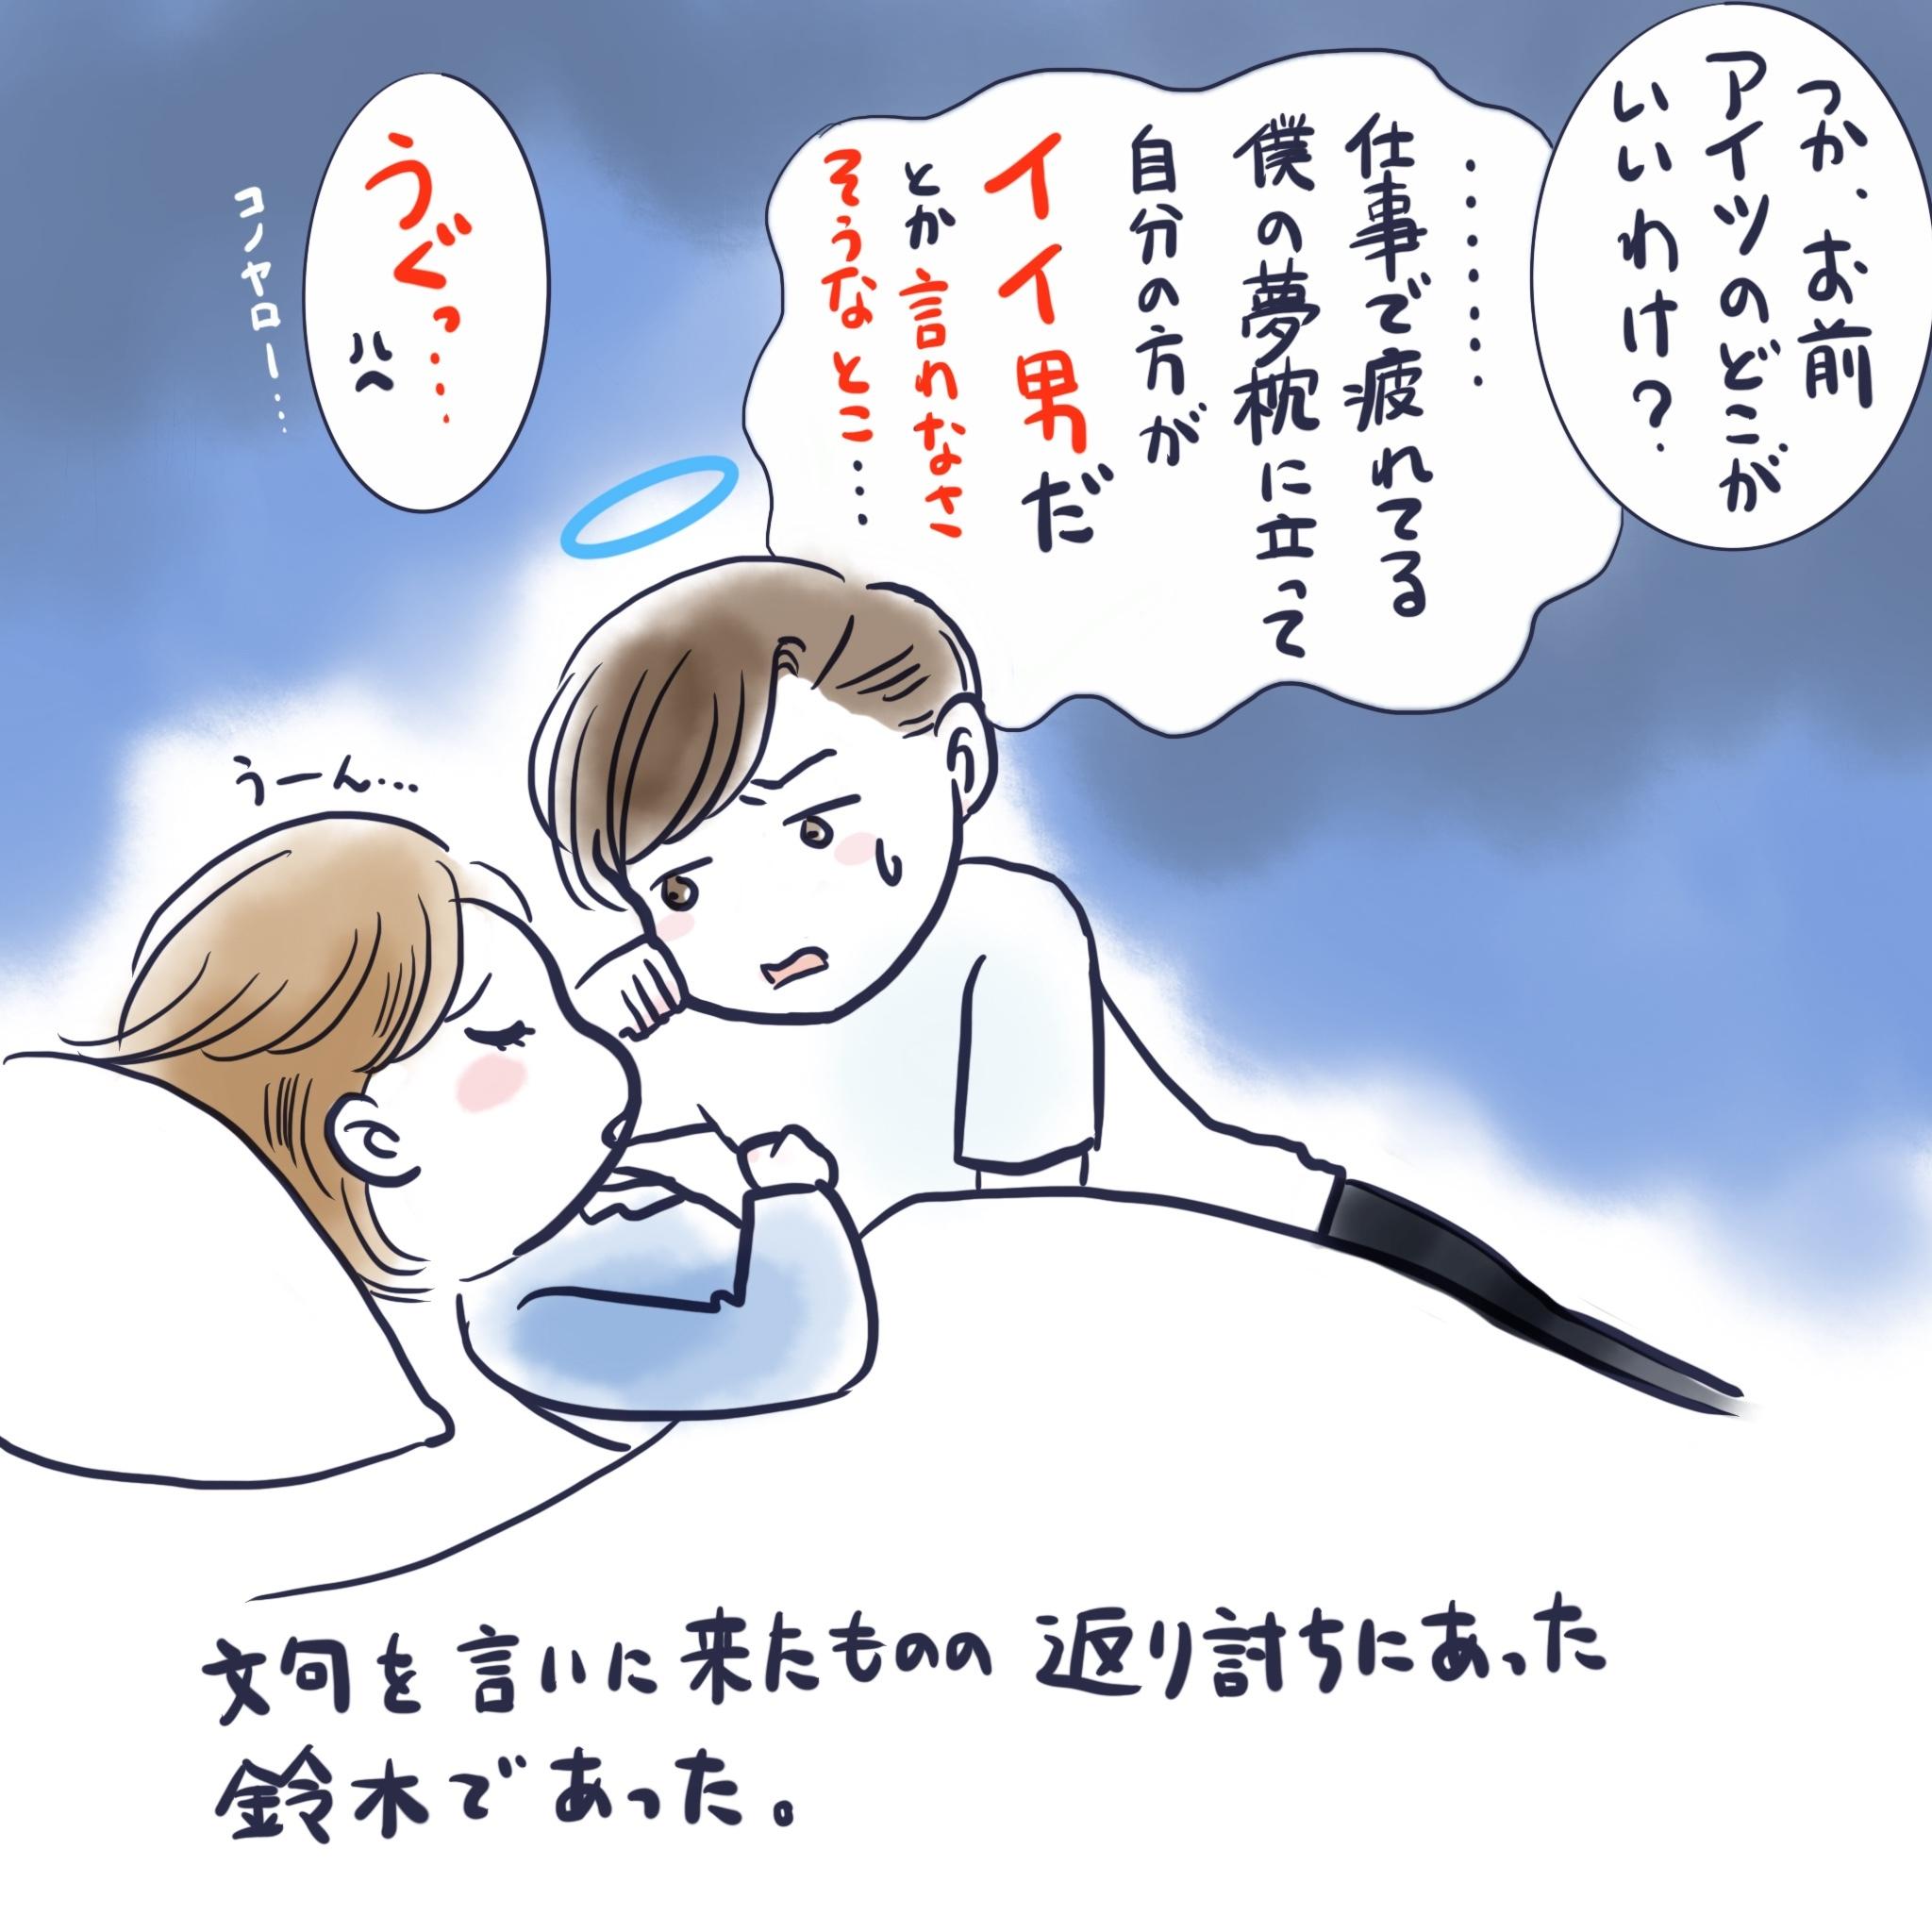 1908suzukis.jpg